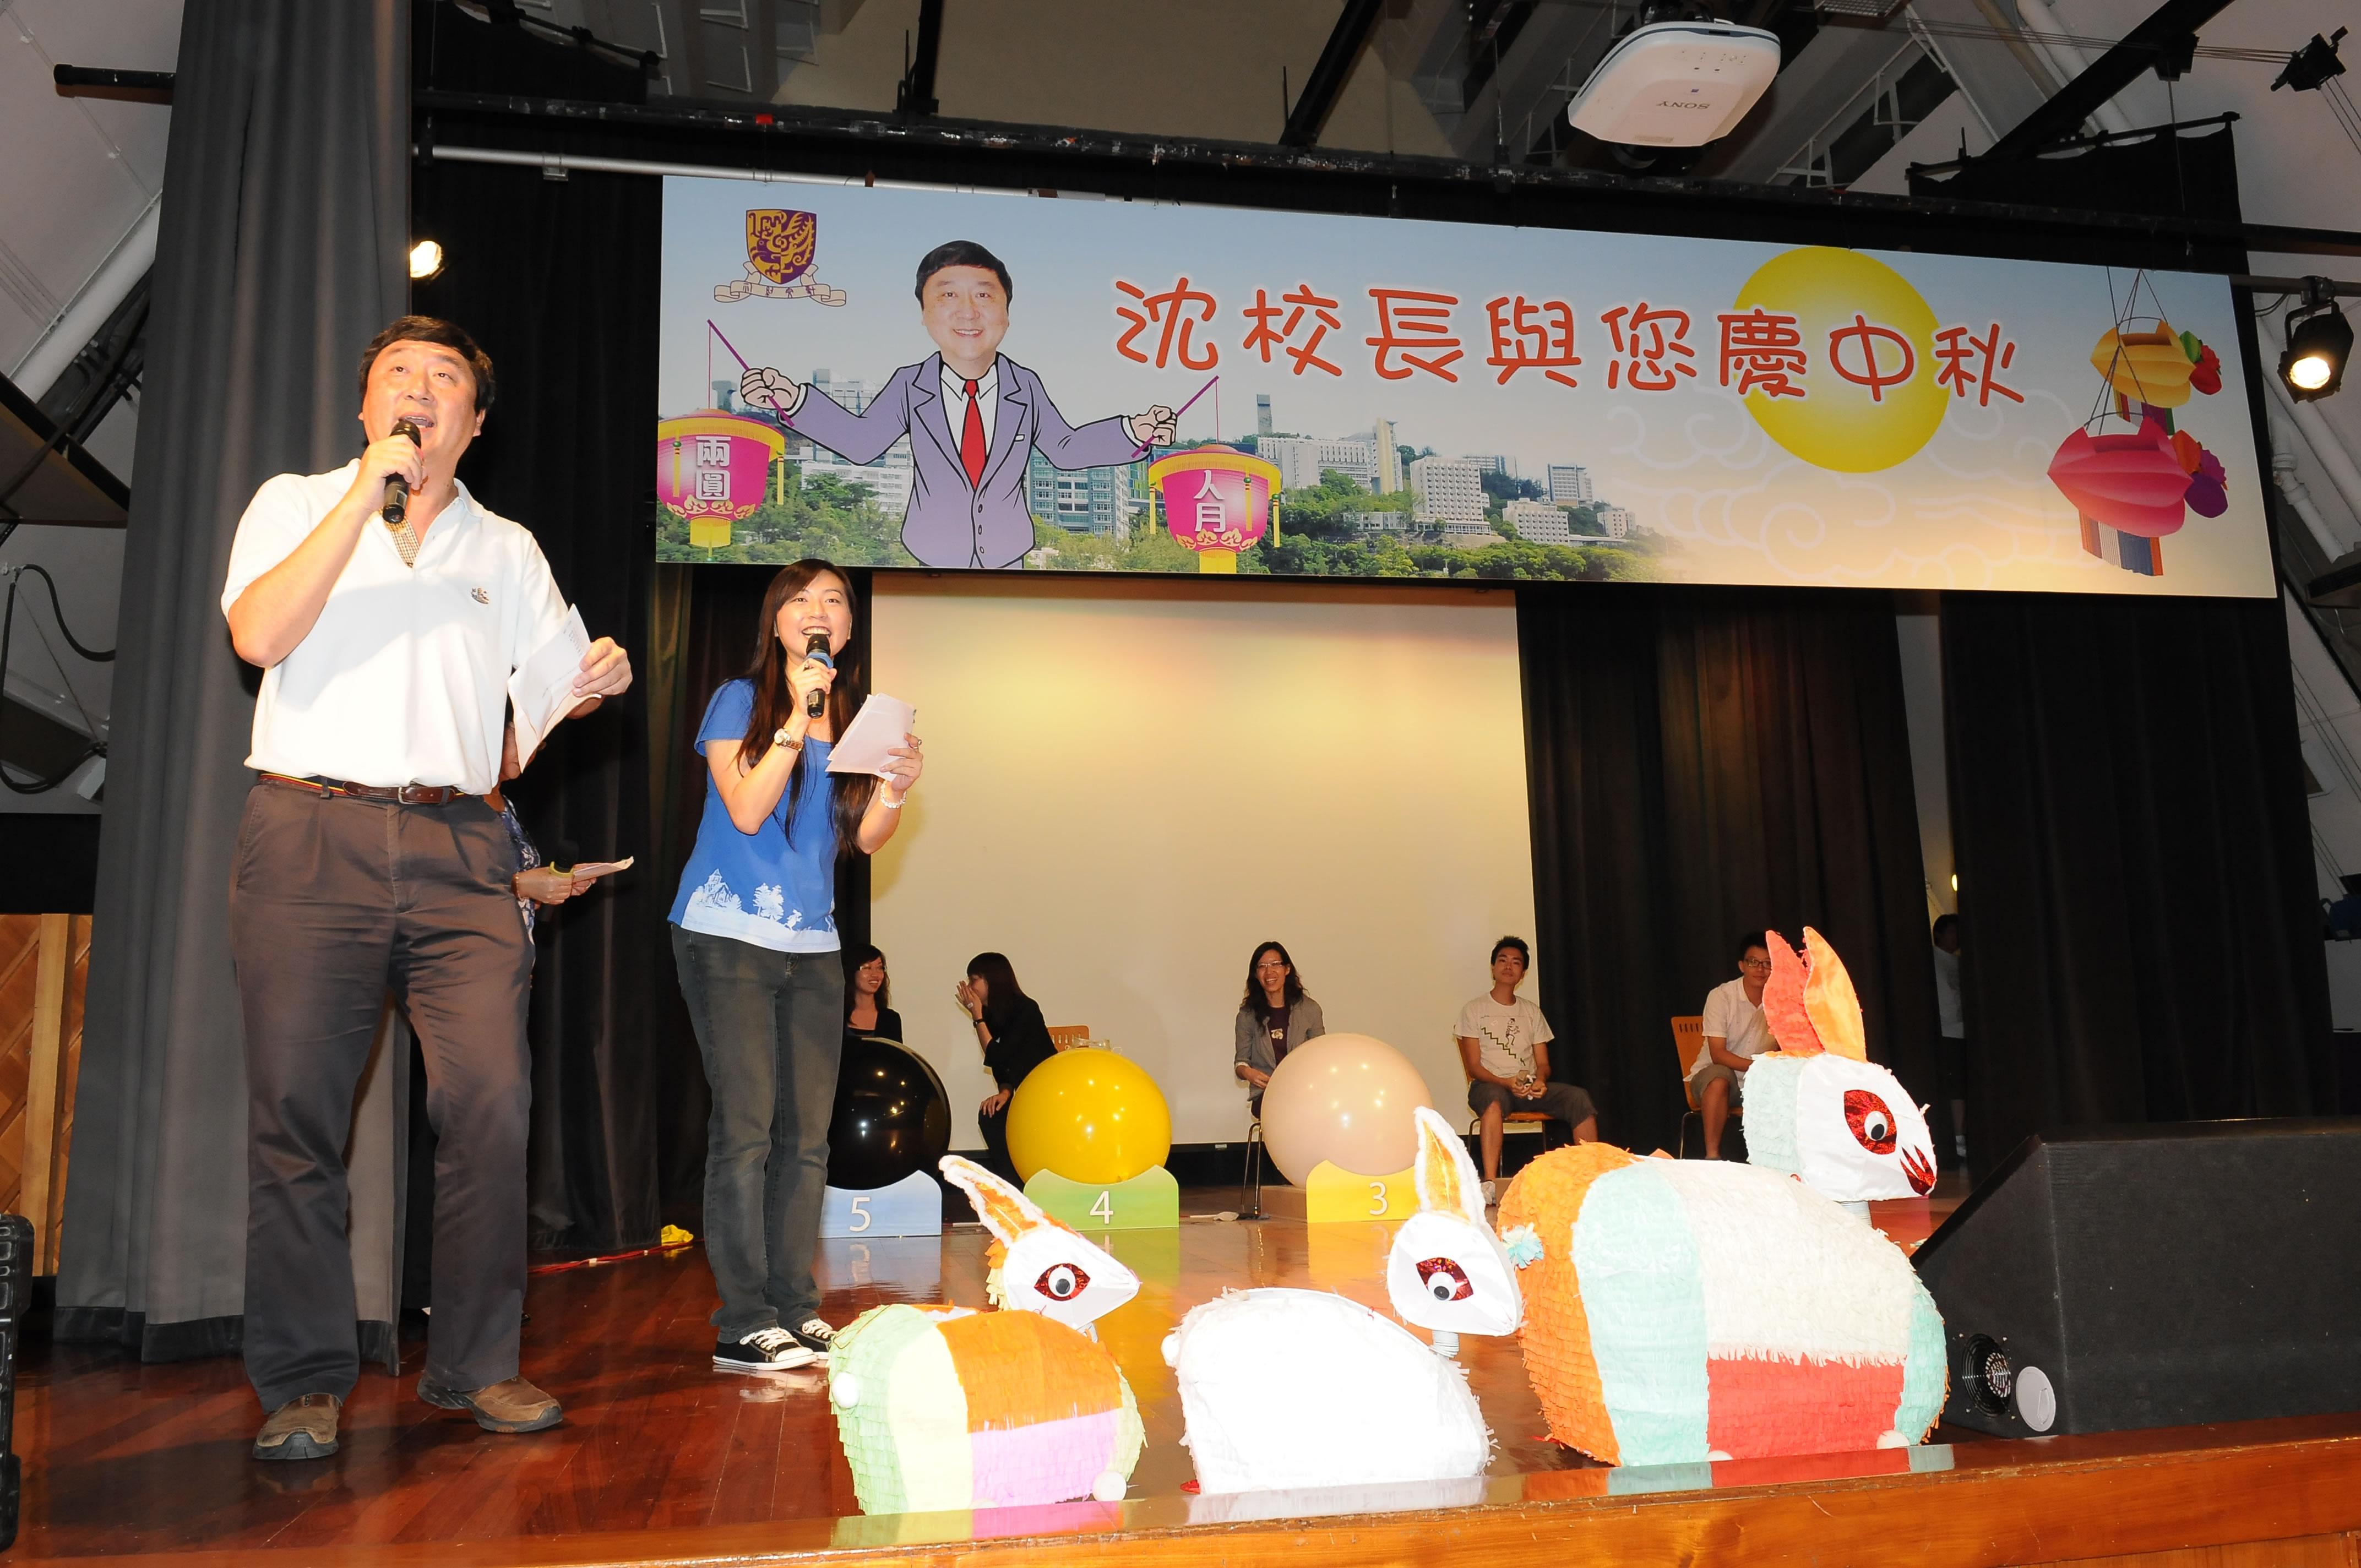 沈祖堯校長參與遊戲節目,與同事打成一片